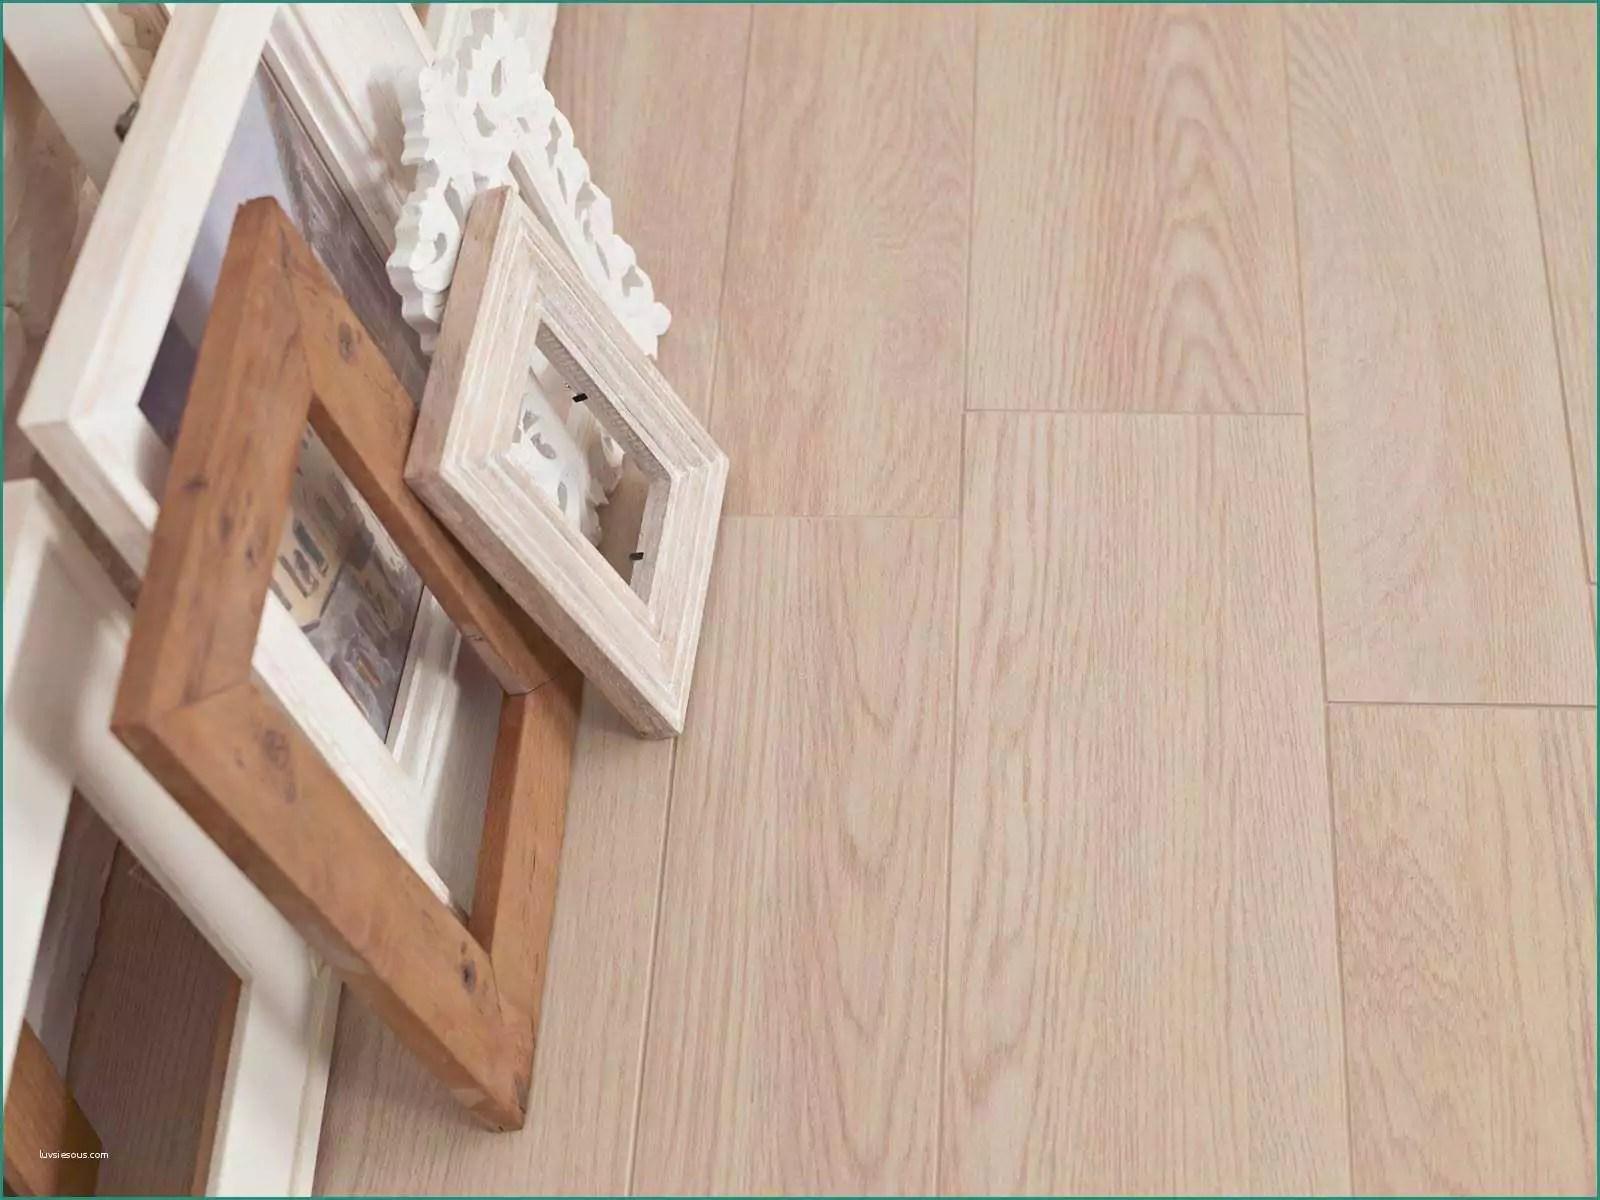 Texture piastrelle legno gres porcellanato scarica